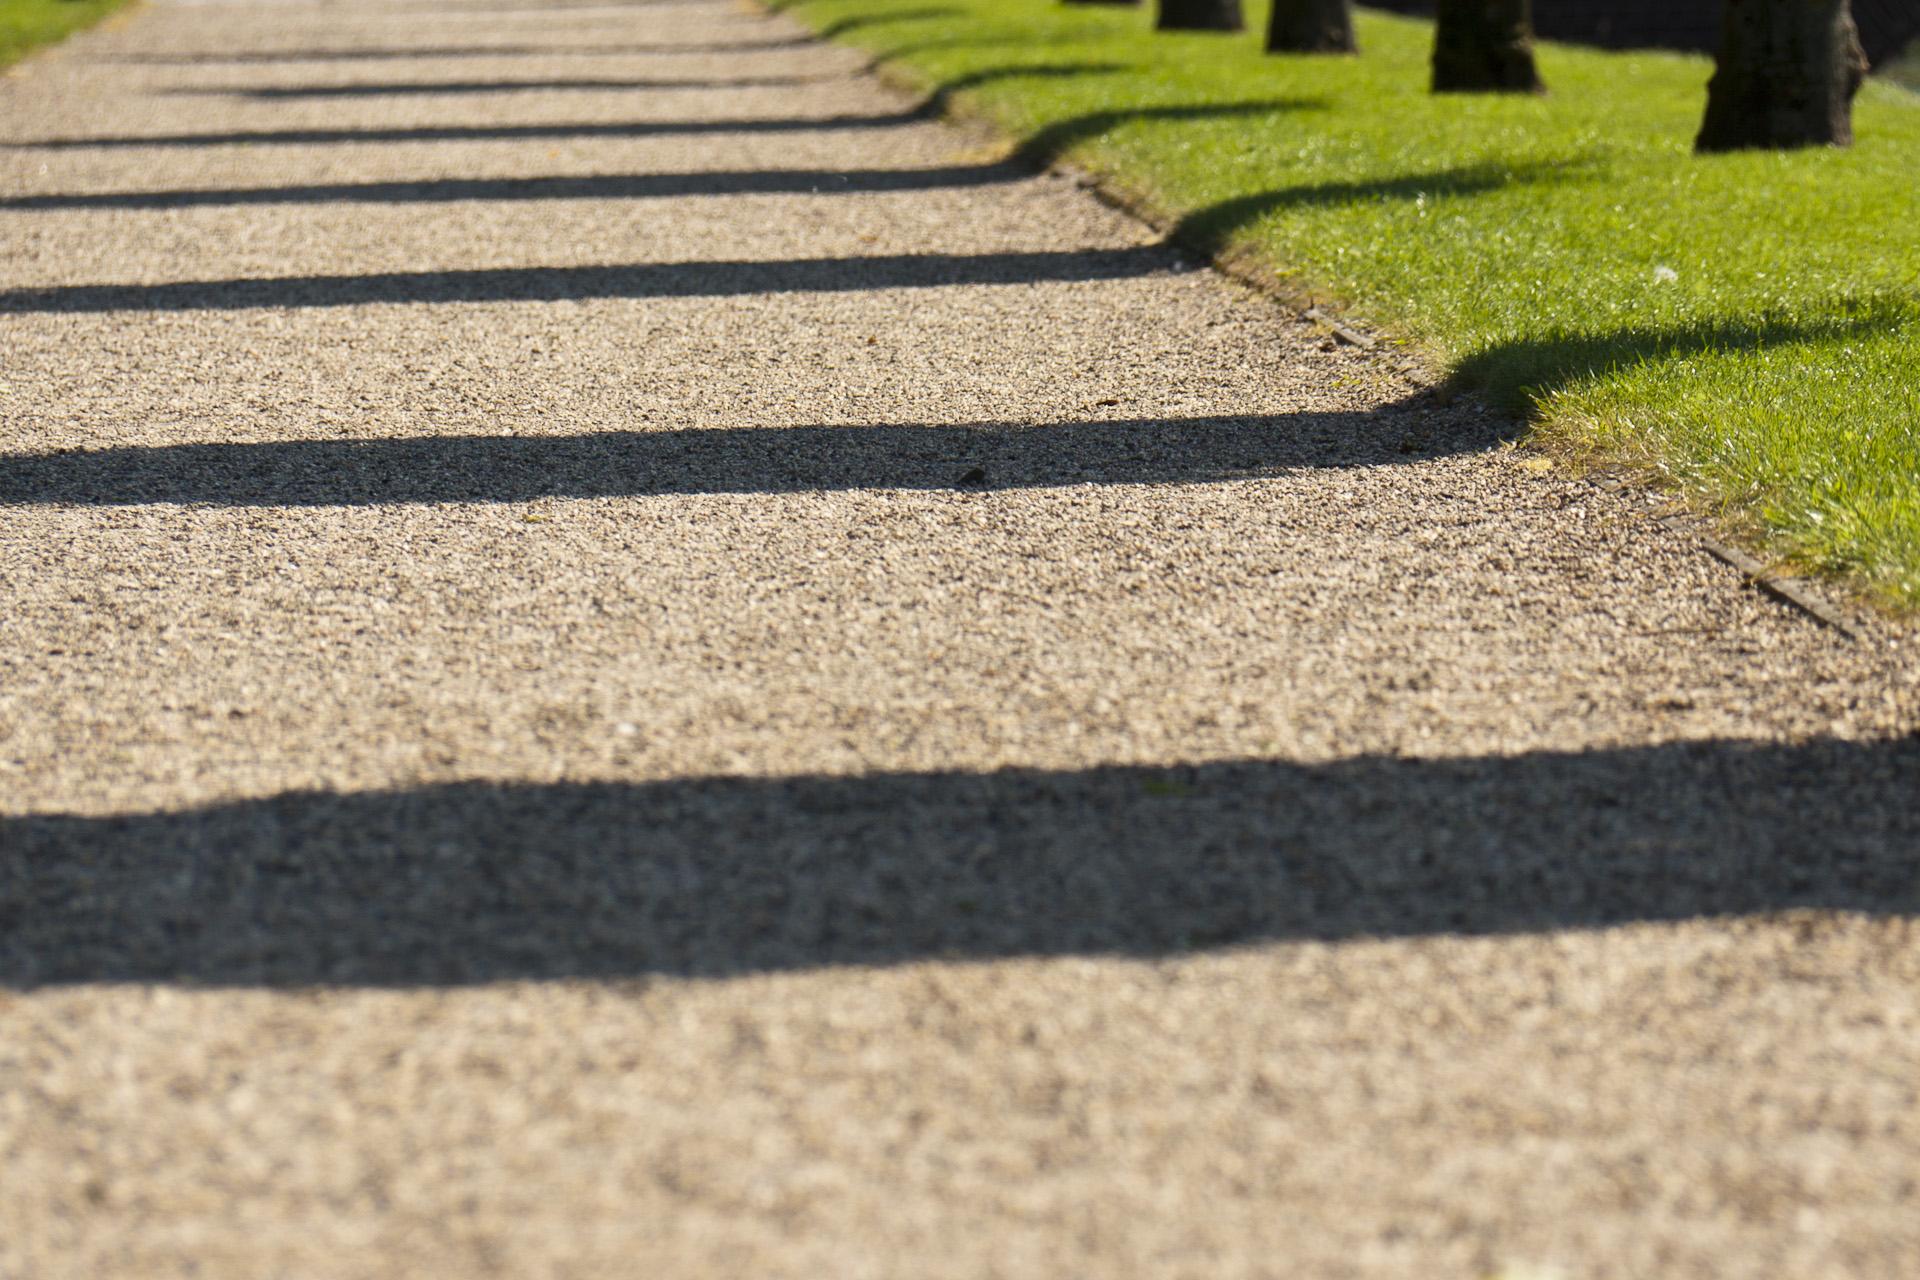 schatten: bäume am kiesweg | sarion.de